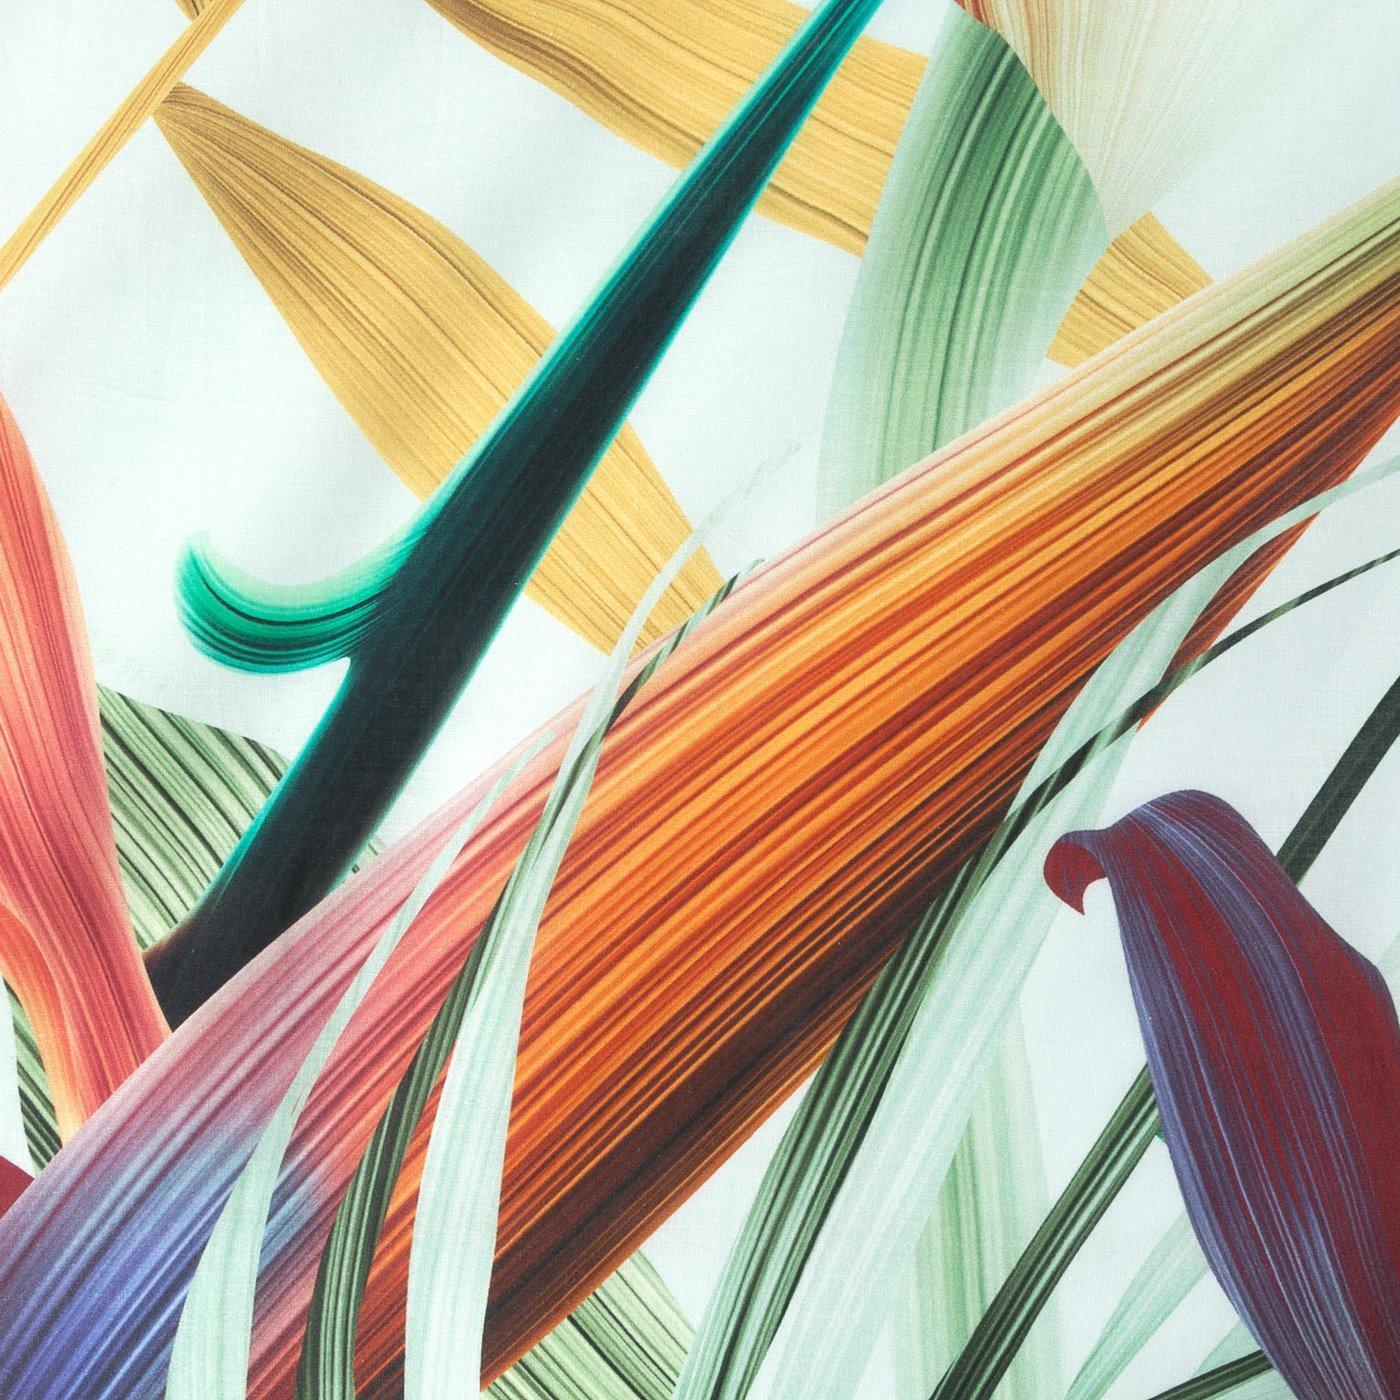 Komplet pościeli  bawełnianej 160 x 200 cm, 2 szt. 70 x 80 egzotyczny nadruk bawełna hiszpańska